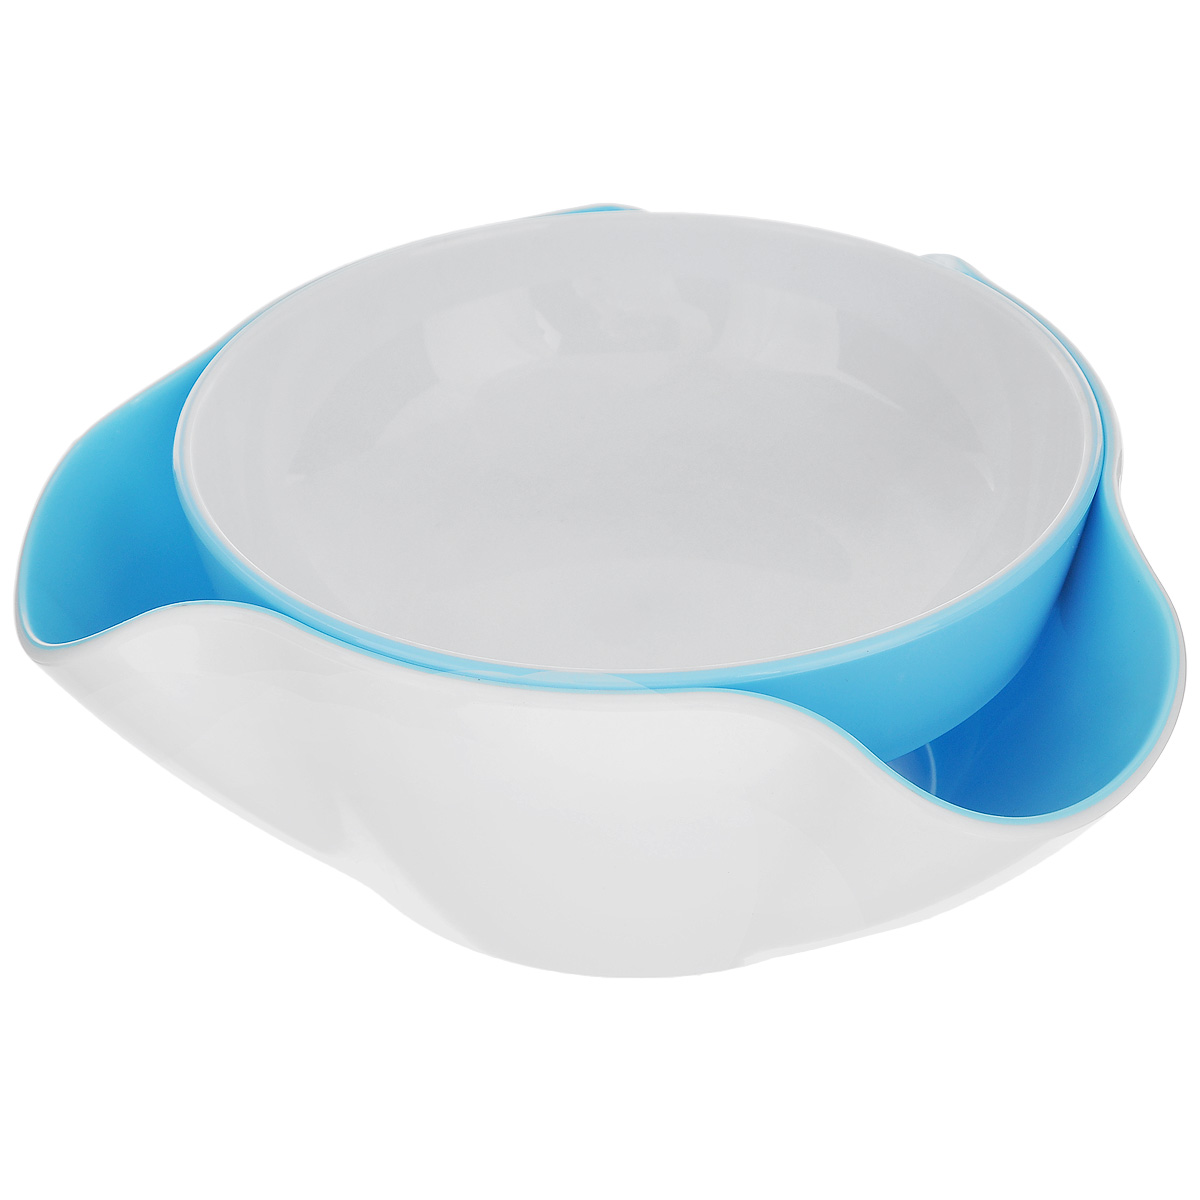 Блюдо для закусок Bradex, цвет: белый, голубой115510Блюдо для закусок Bradex изготовлено из высококачественного пластика. Состоит из основного съемного блюда и поддона. Такое блюдо идеально подходит для оформления закусок, в которых есть отходы, такие как орехи, фисташки, виноград, вишня и т. д.Вам больше не придется неопрятно складывать несъедобные фрагменты пищи на специально поставленном блюдце или на краю своей тарелки. Все спрячет специальный поддон!Можно мыть в посудомоечной машине.Диаметр основного блюда: 16 см.Высота основного блюда: 4 см.Размер поддона (по верхнему краю): 20,5 см х 20,5 см.Высота поддона: 8 см.